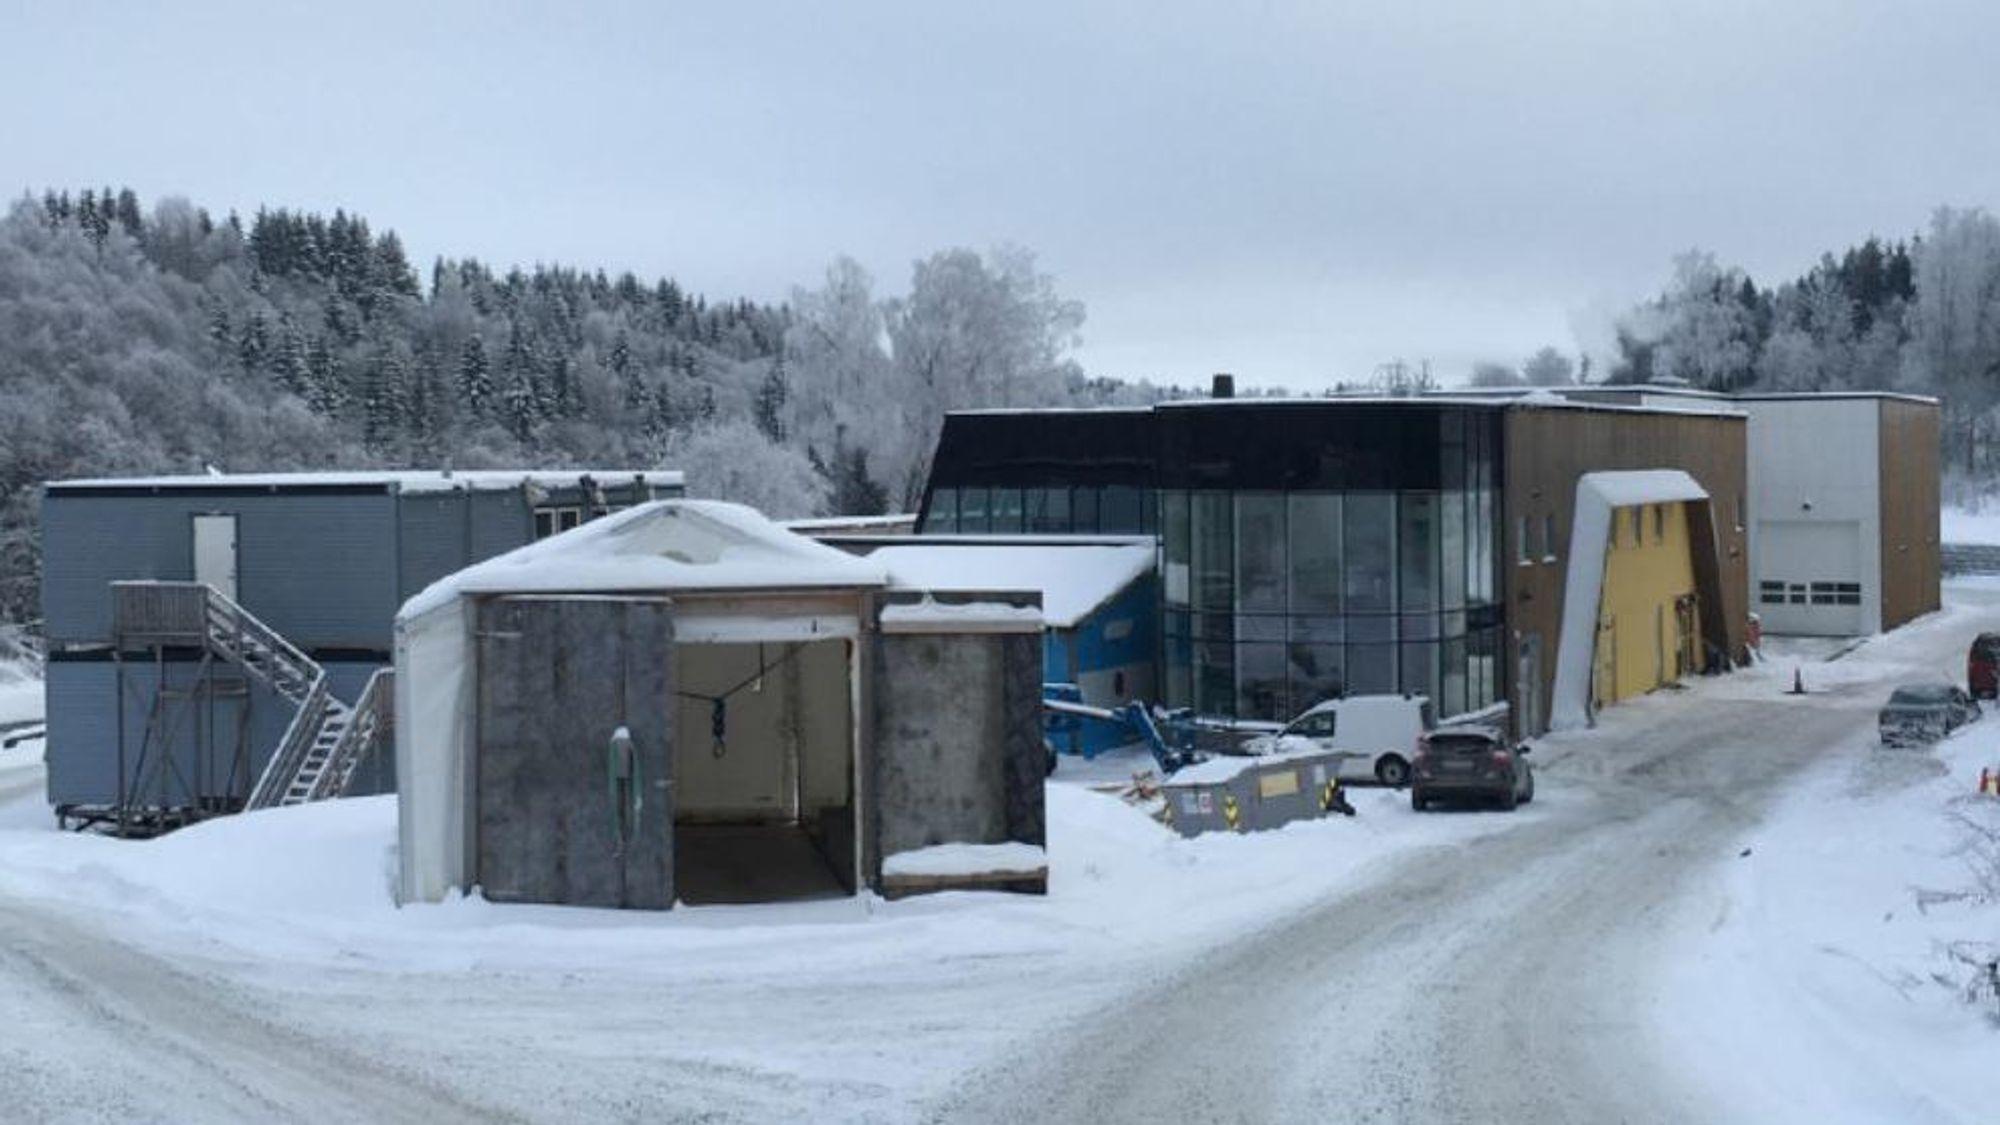 Overfakturering for rørleggerarbeider ved Bårlidalen renseanlegg på Eidsvoll var begynnelsen på slutten for Lunder og Aas.